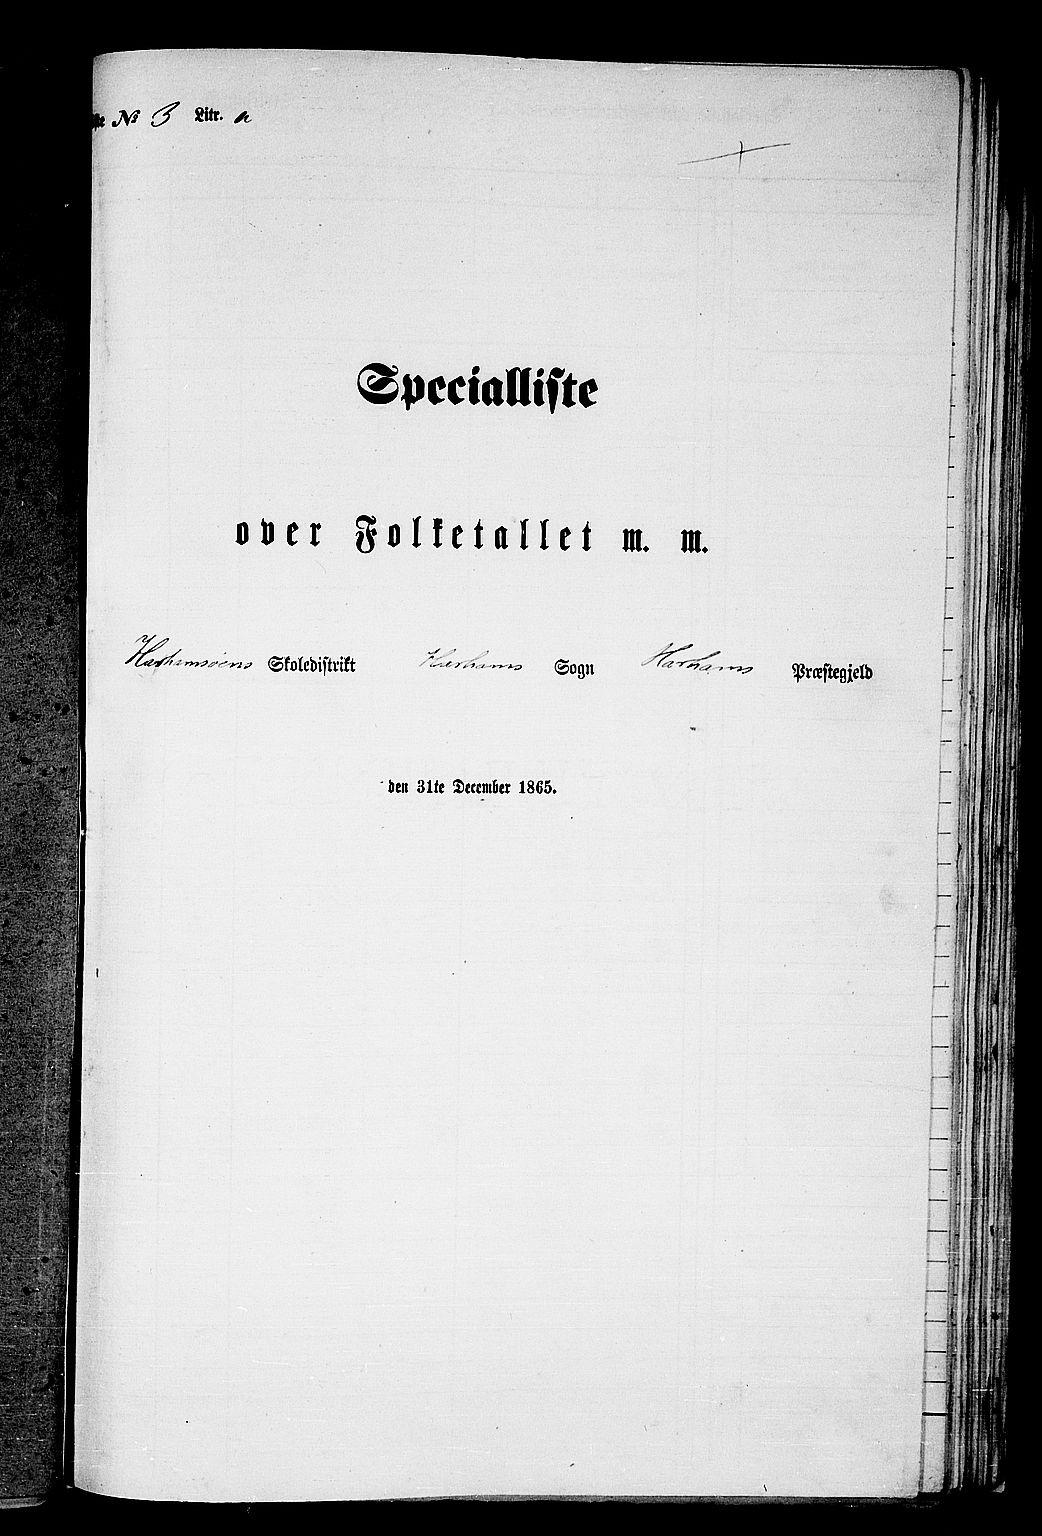 RA, Folketelling 1865 for 1534P Haram prestegjeld, 1865, s. 39